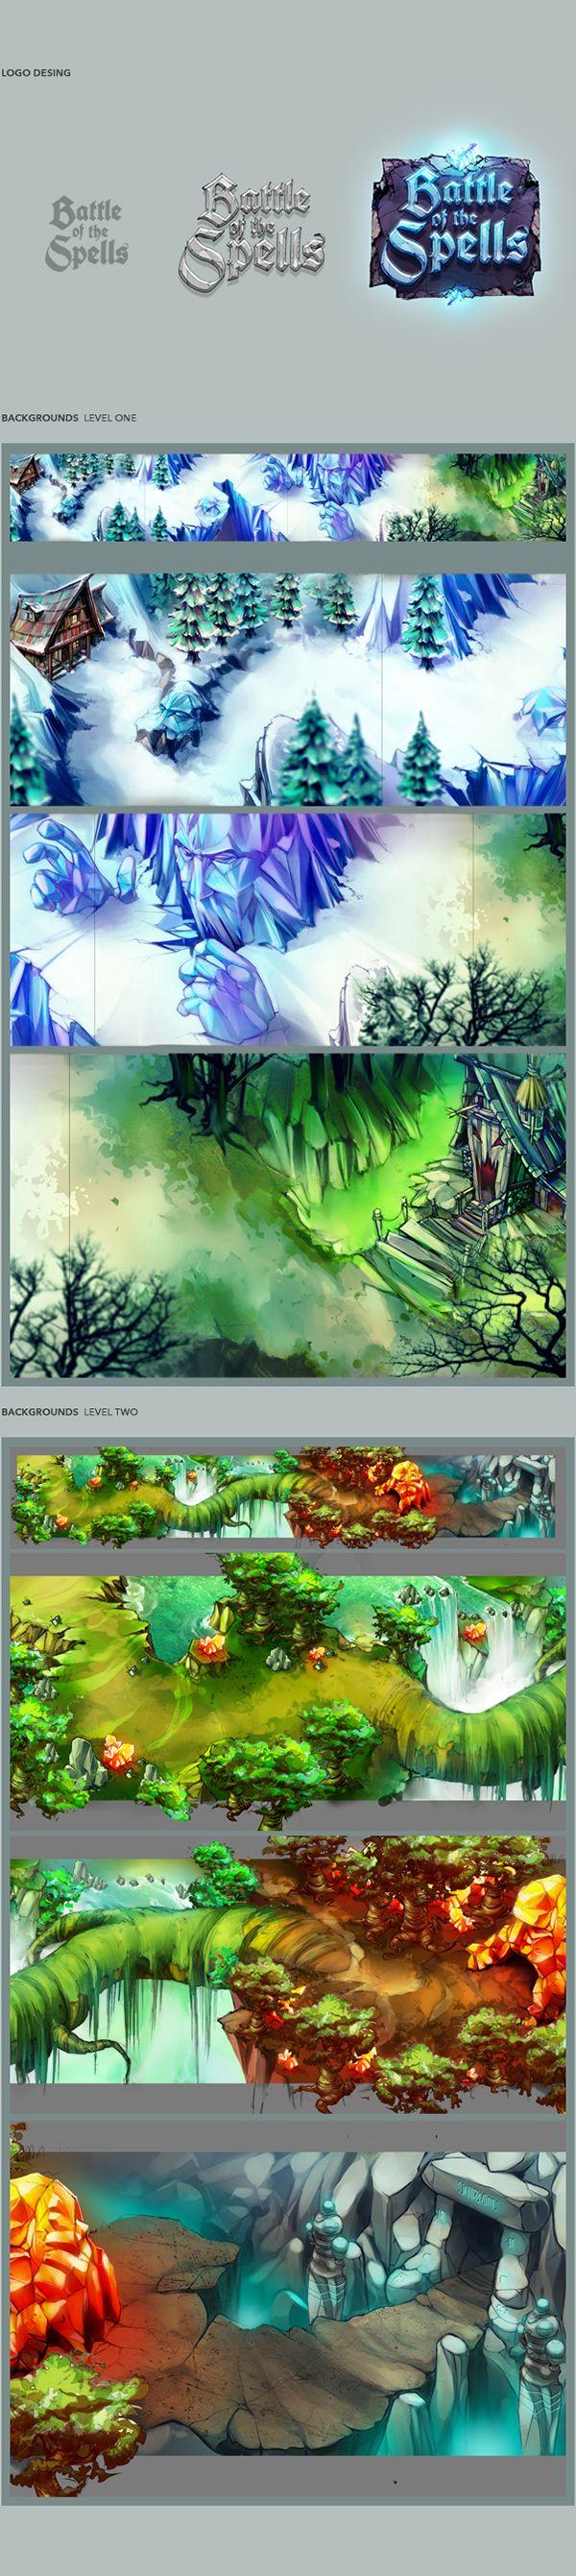 https://www.behance.net/gallery/23851021/BOTS?utm_medium=email